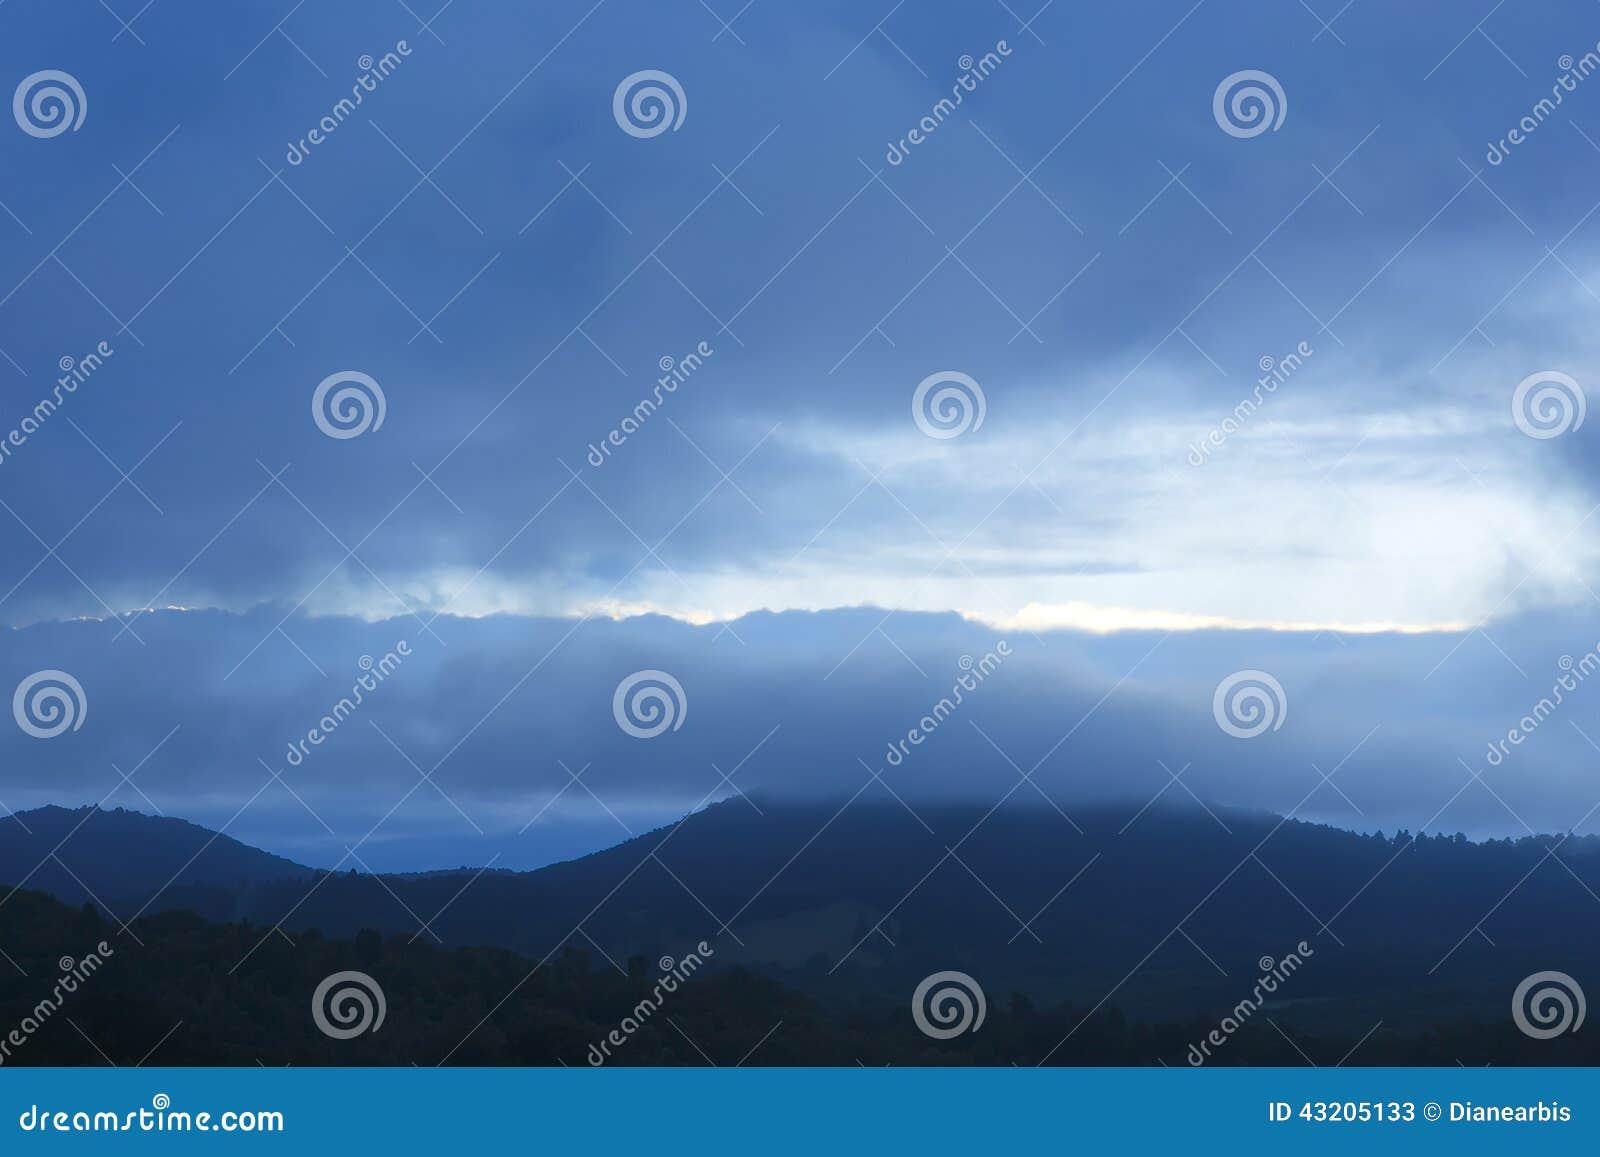 Download Blå bergkant fotografering för bildbyråer. Bild av miljö - 43205133